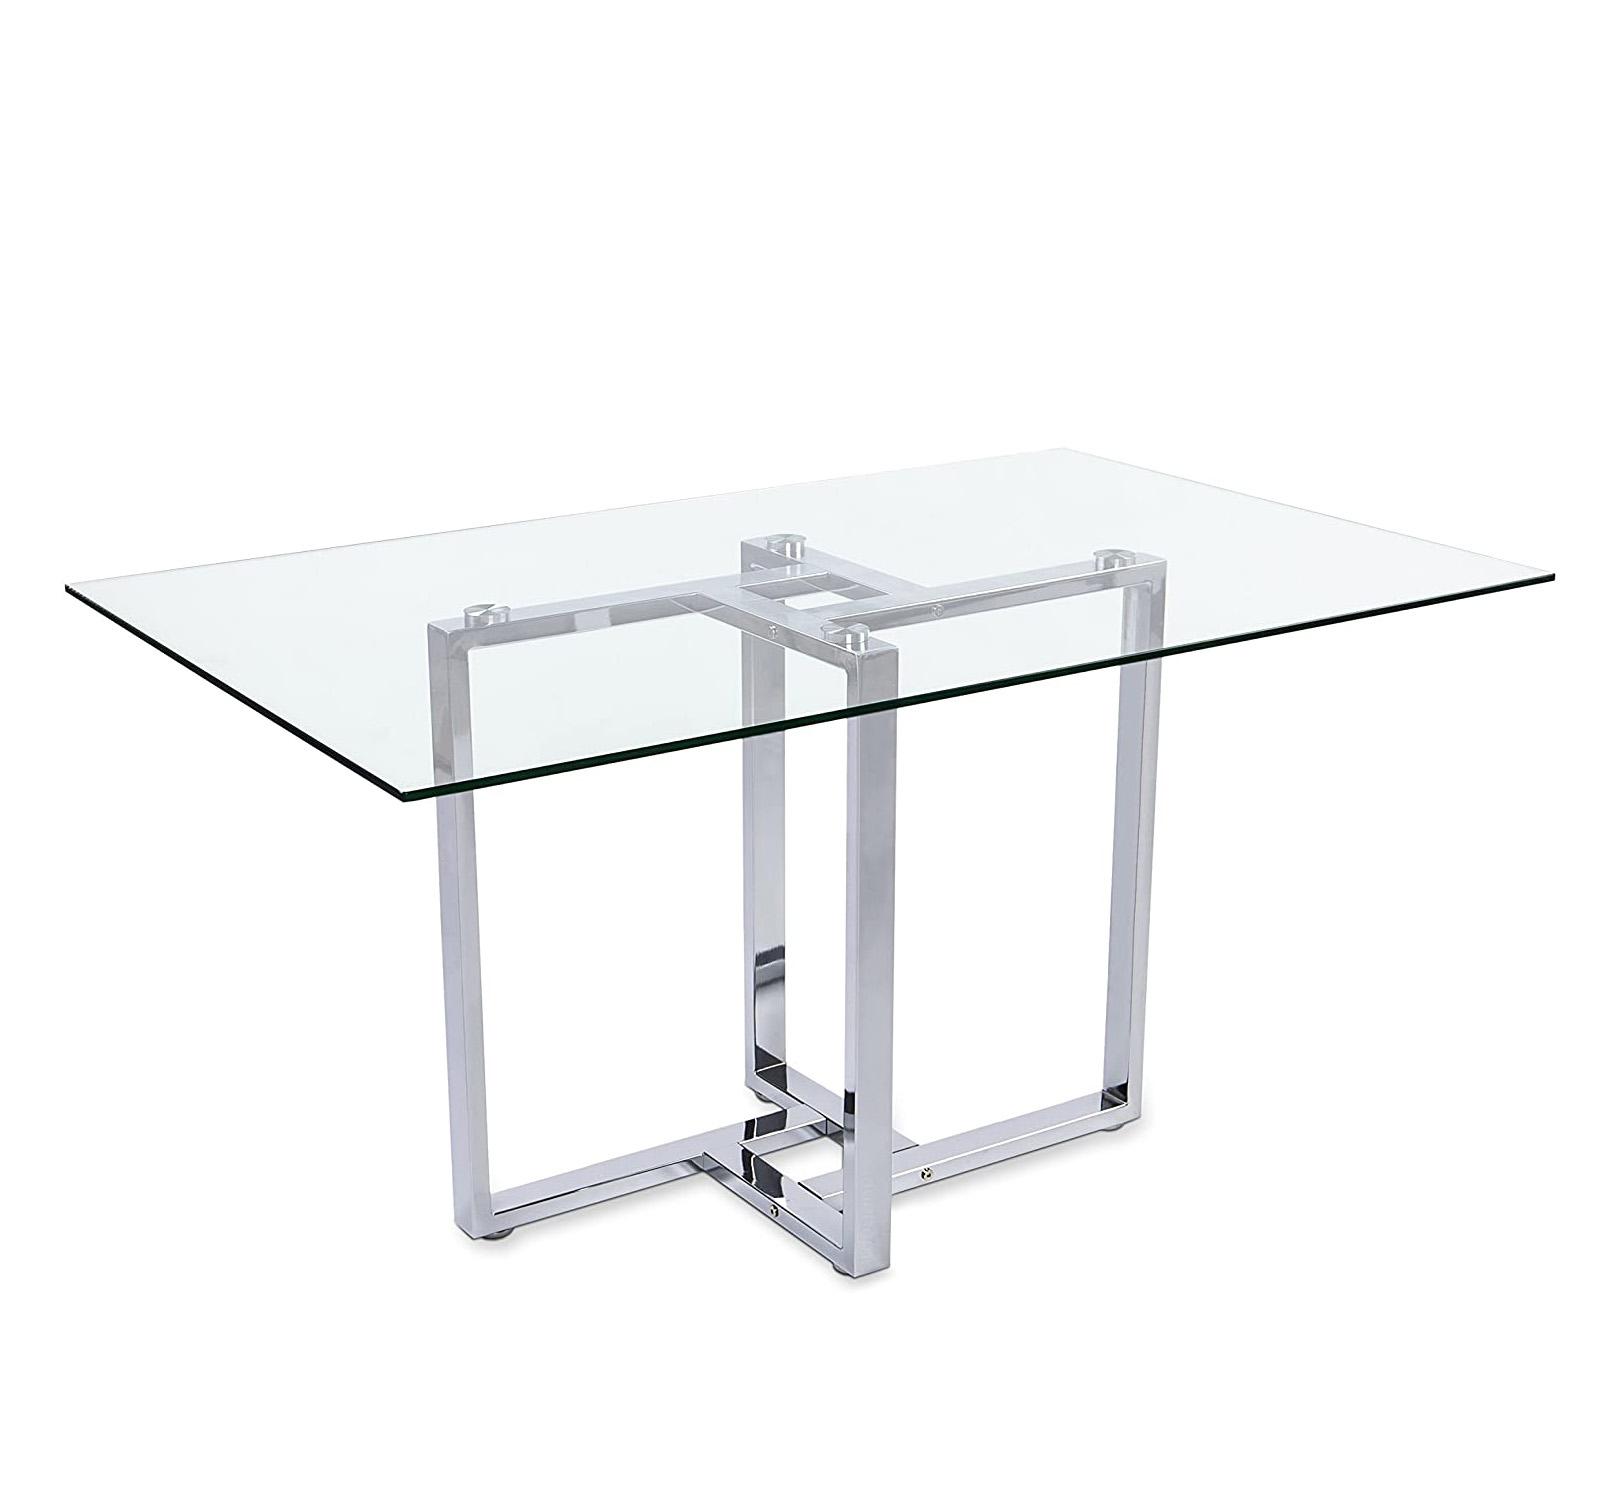 Mesas transparentes para comedor y oficina de cristal tienda online de artículos transparentes